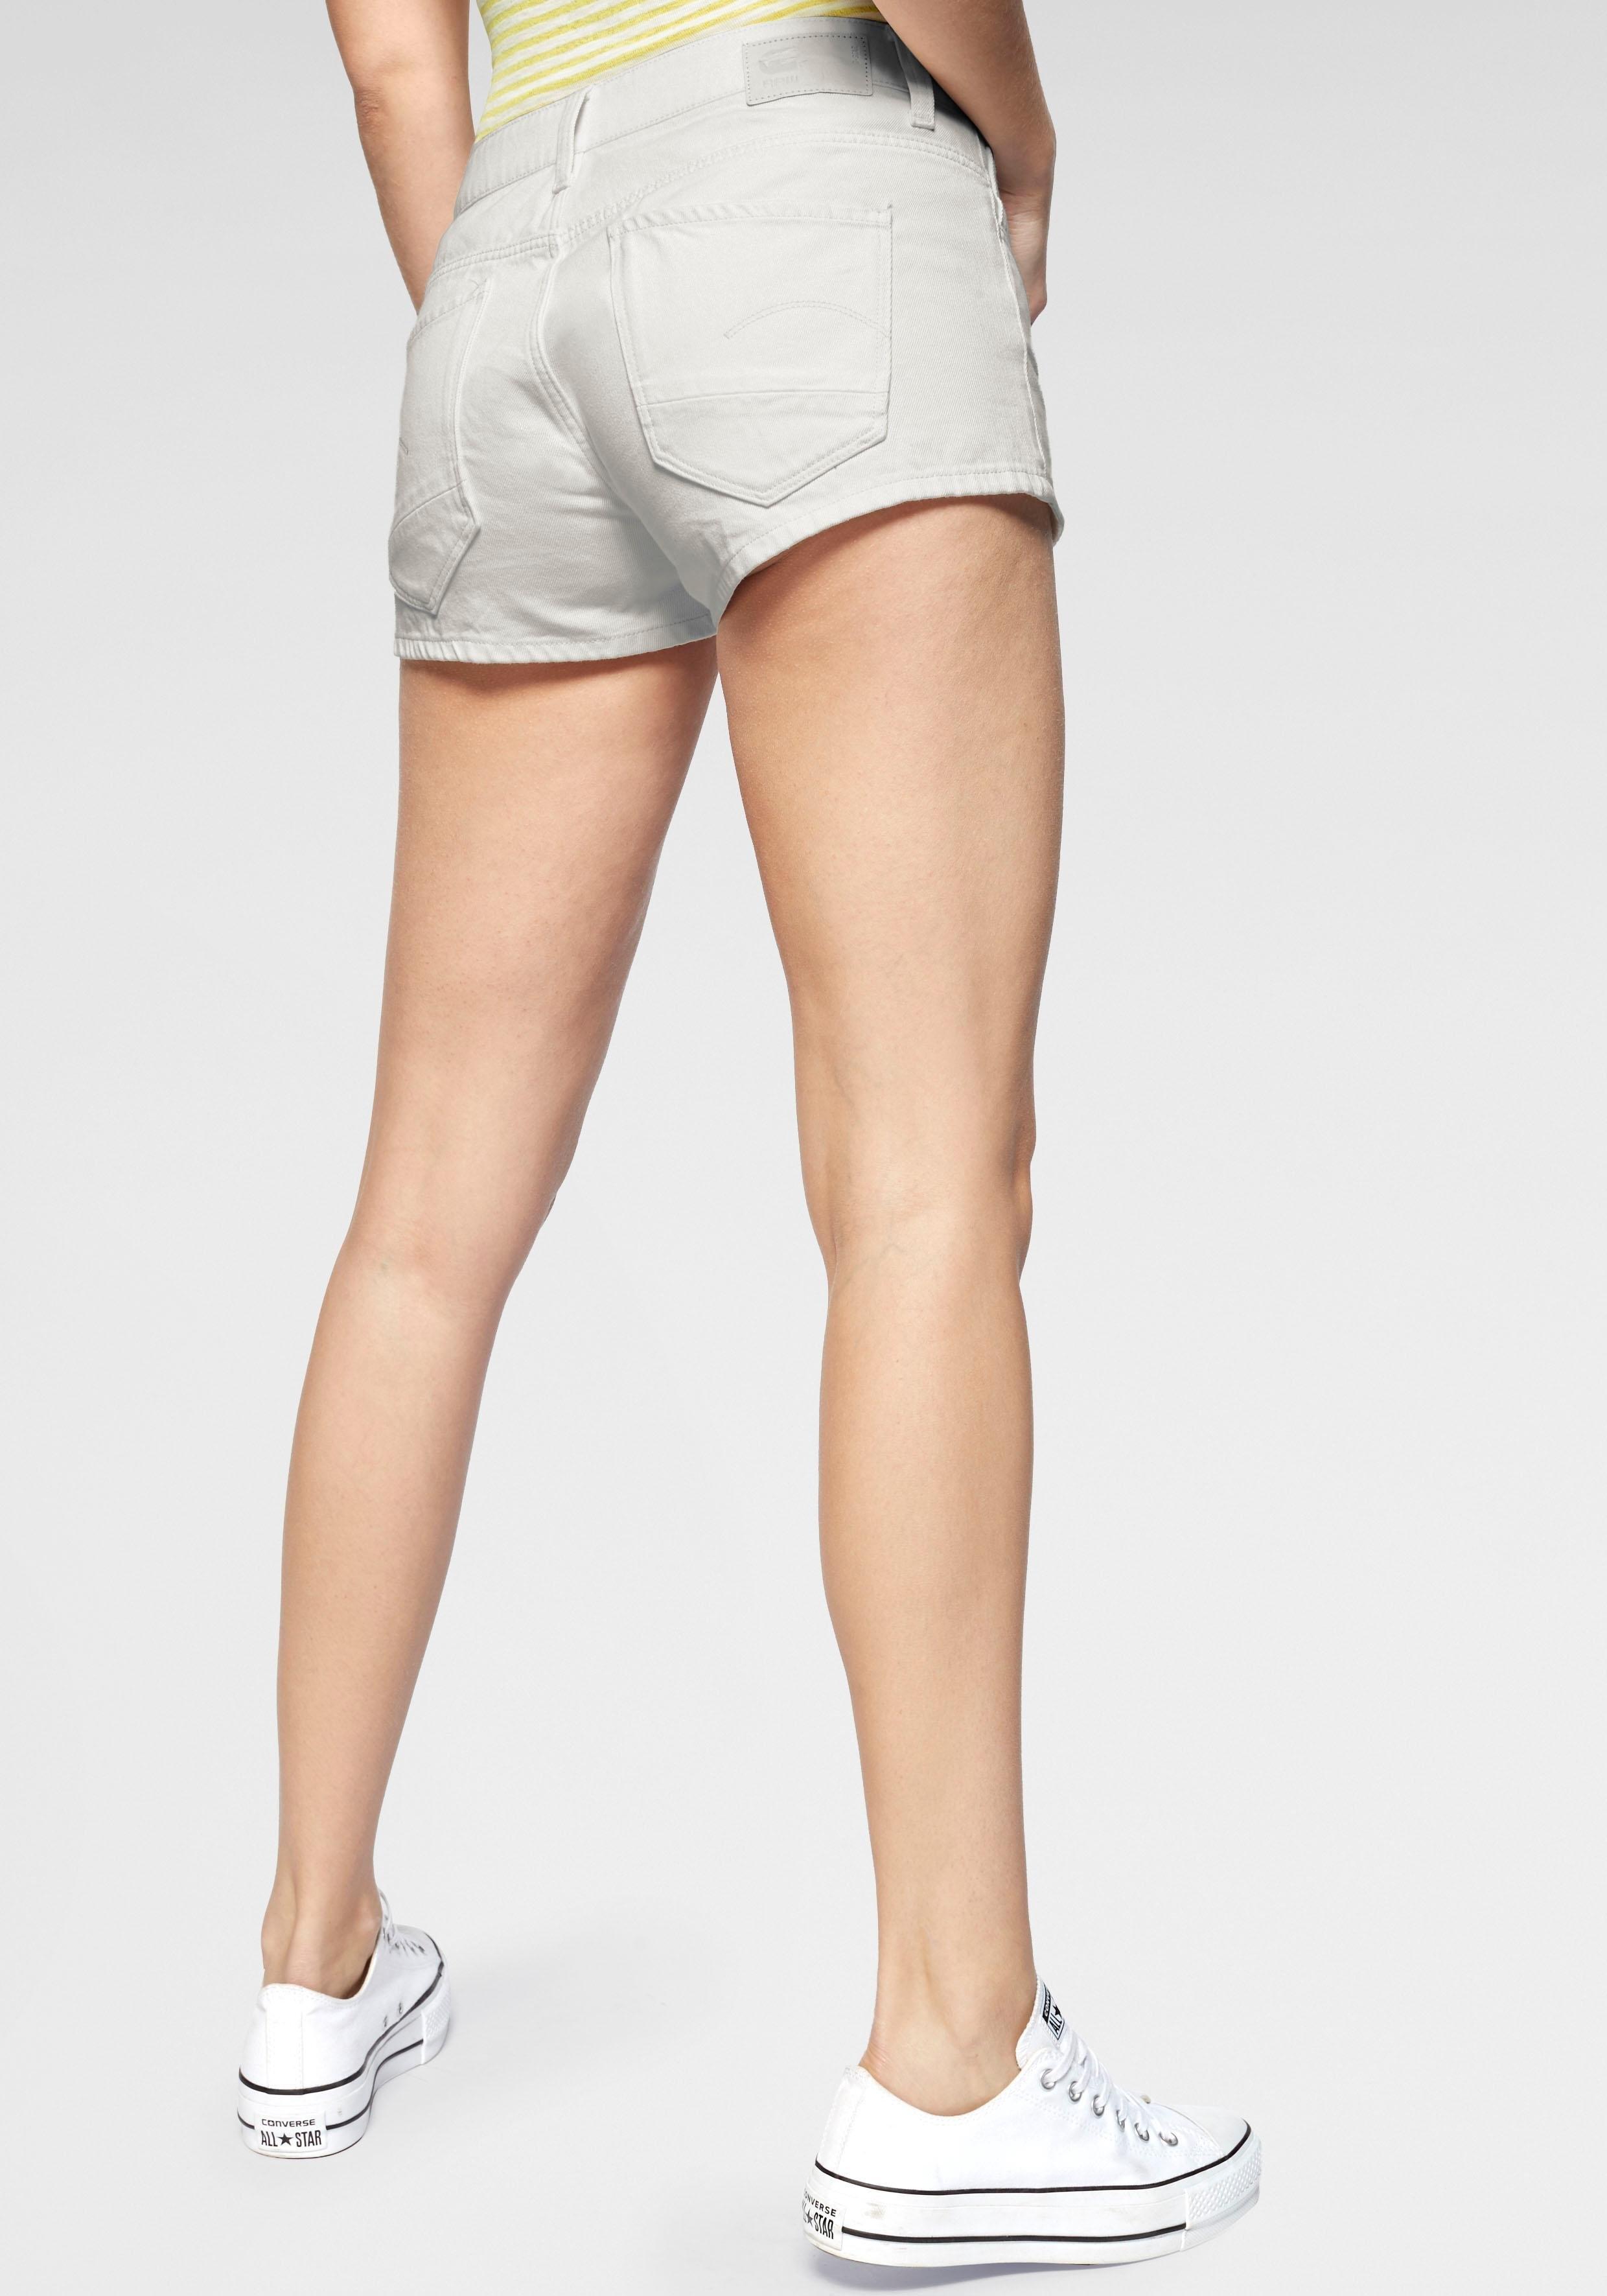 G-star Raw jeansshort »Arc 2.0 btn Short Wmn« nu online bestellen